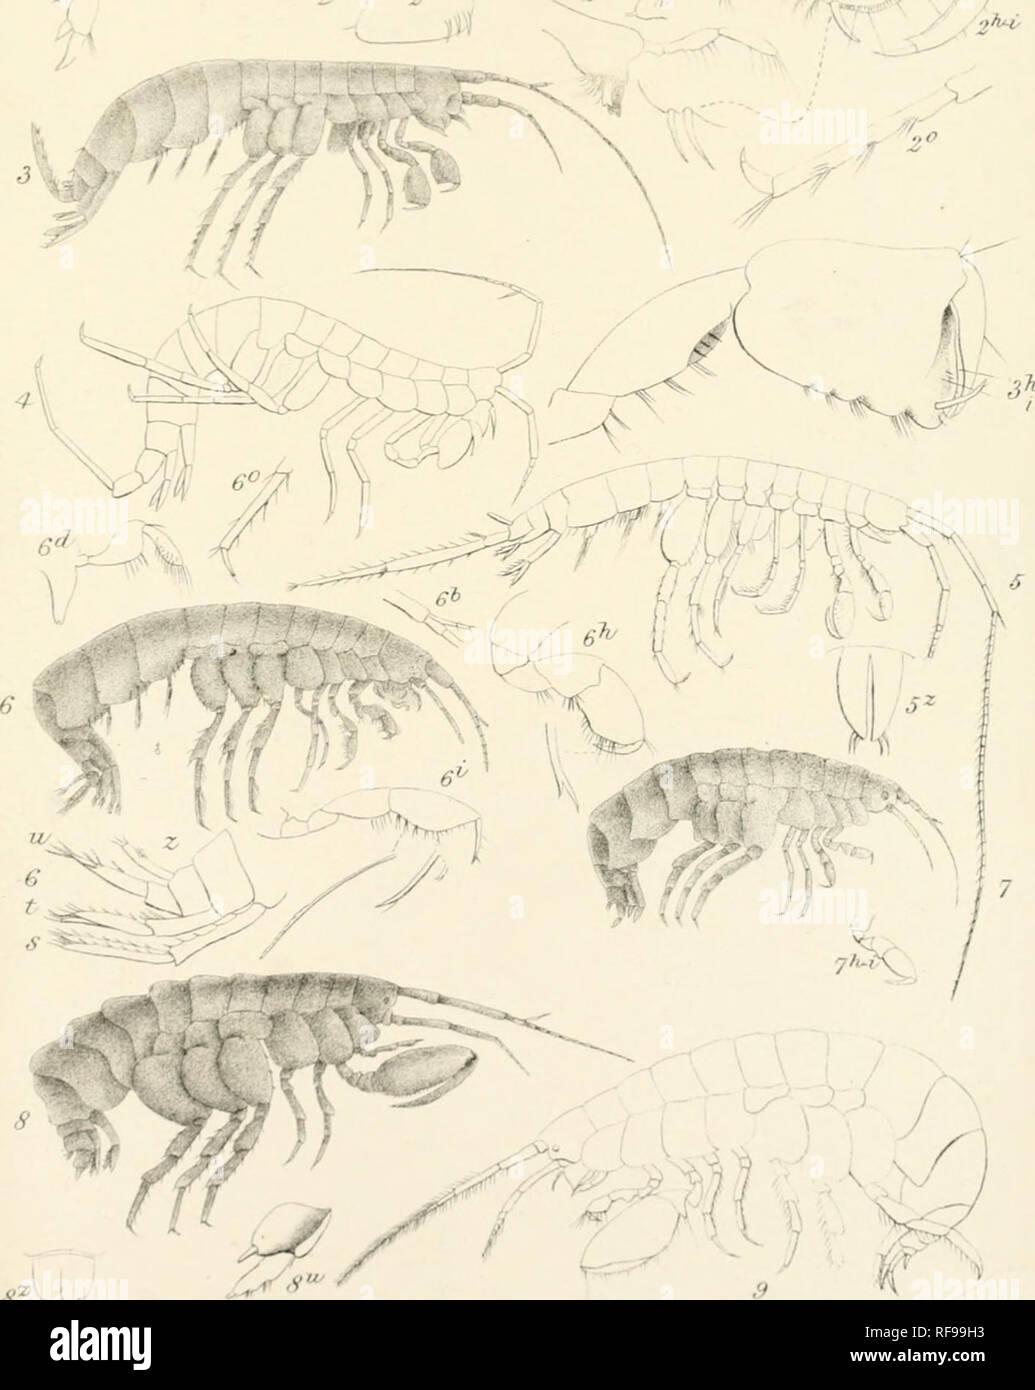 """. Katalog von Exemplaren der amphipodous Krebstiere in der Sammlung des British Museum von C. Spence Bate. Amphipoda. I I 1'. UtaLCS lltfa £.Xlb l. Niphar^ uns sargtus. (2) N. N. kDchiaaus fontanus 3. 4. N. puteanus. S. Eriqpis eJongata.. G. CrangCfnyx Sutterraneus. 7C.y.Erraanii Gamraai - allii. HRC/icaiulata. 9. """"CrBnisi lieusis.. Bitte beachten Sie, dass diese Bilder sind von der gescannten Seite Bilder, die digital für die Lesbarkeit verbessert haben mögen - Färbung und Aussehen dieser Abbildungen können nicht perfekt dem Original ähneln. extrahiert. British Museum (Natural History). Abt. der Zoologie; Stockfoto"""